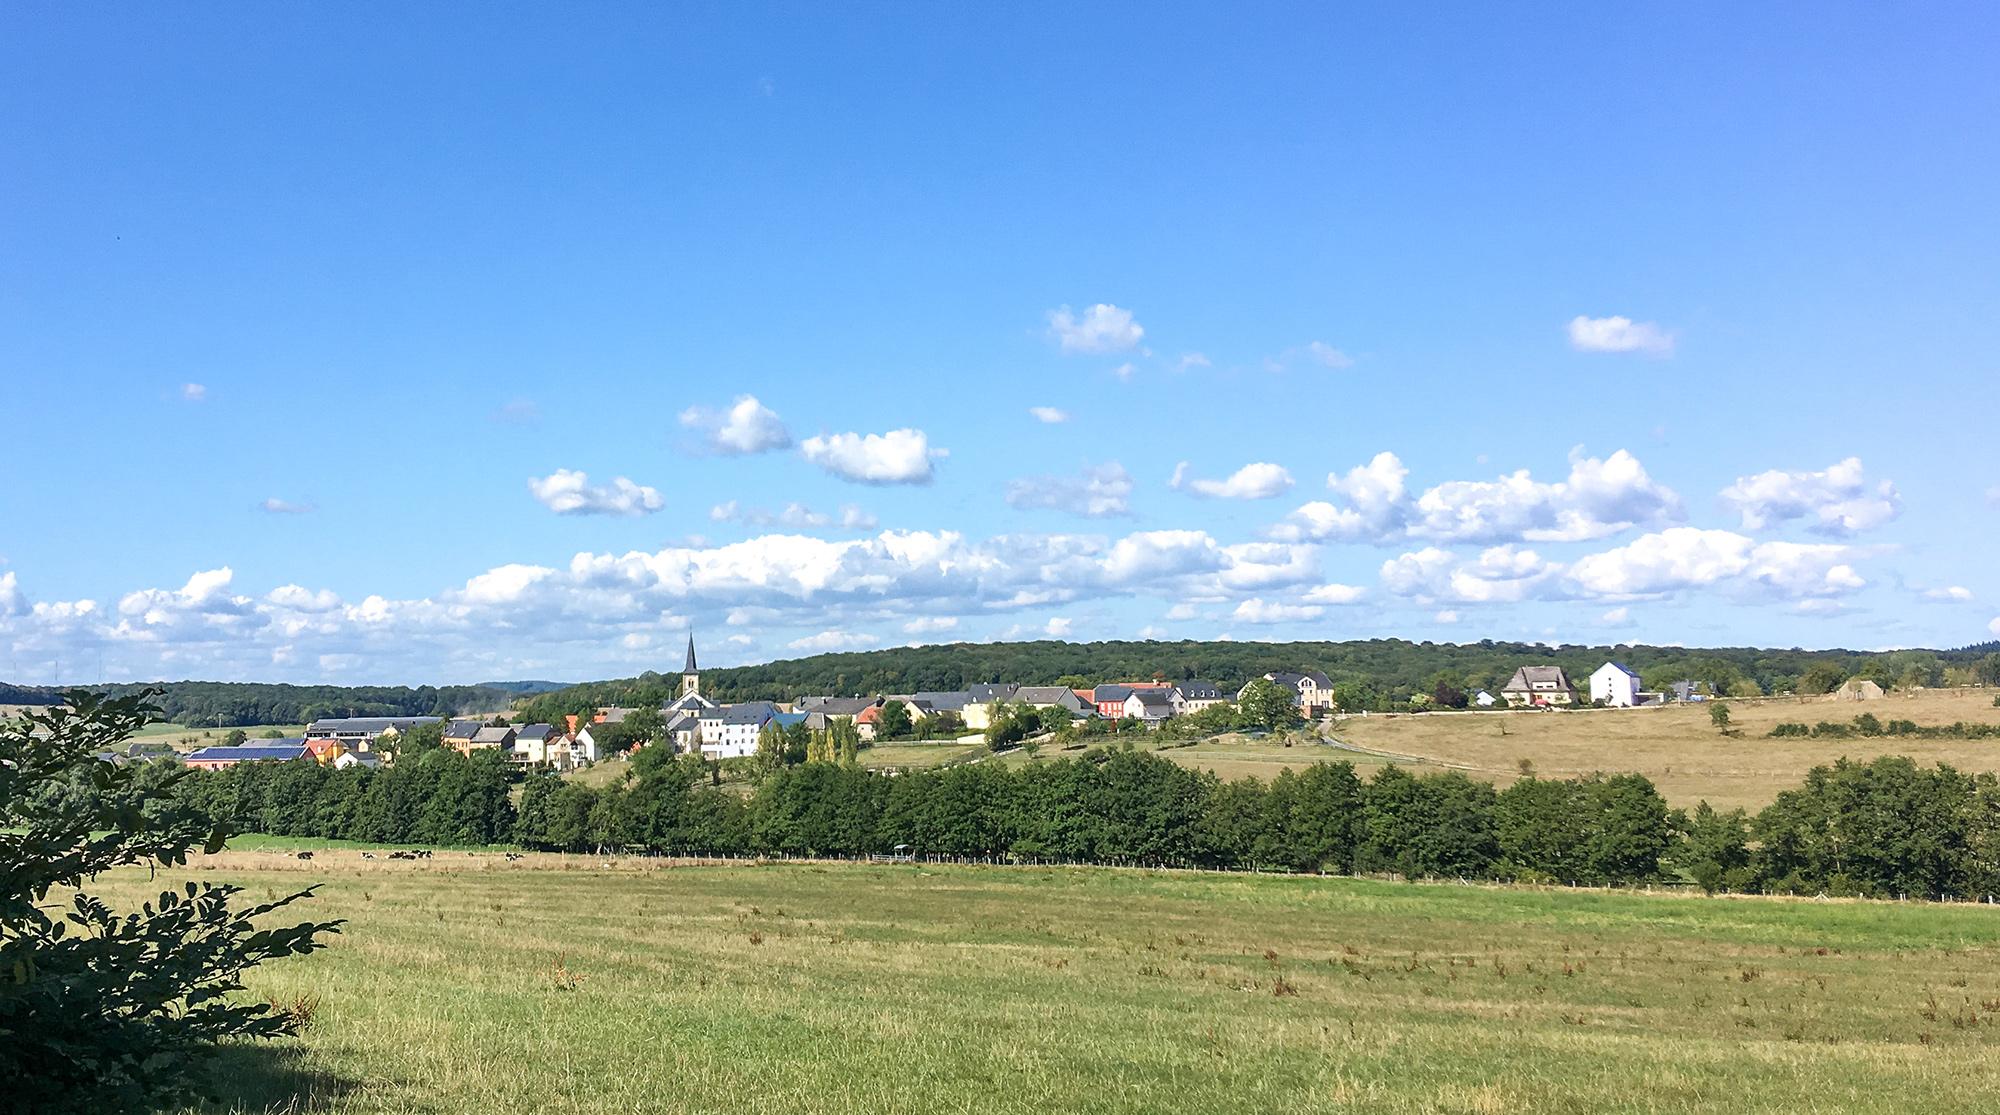 Blick über Weideflächen und das Dorf Herborn